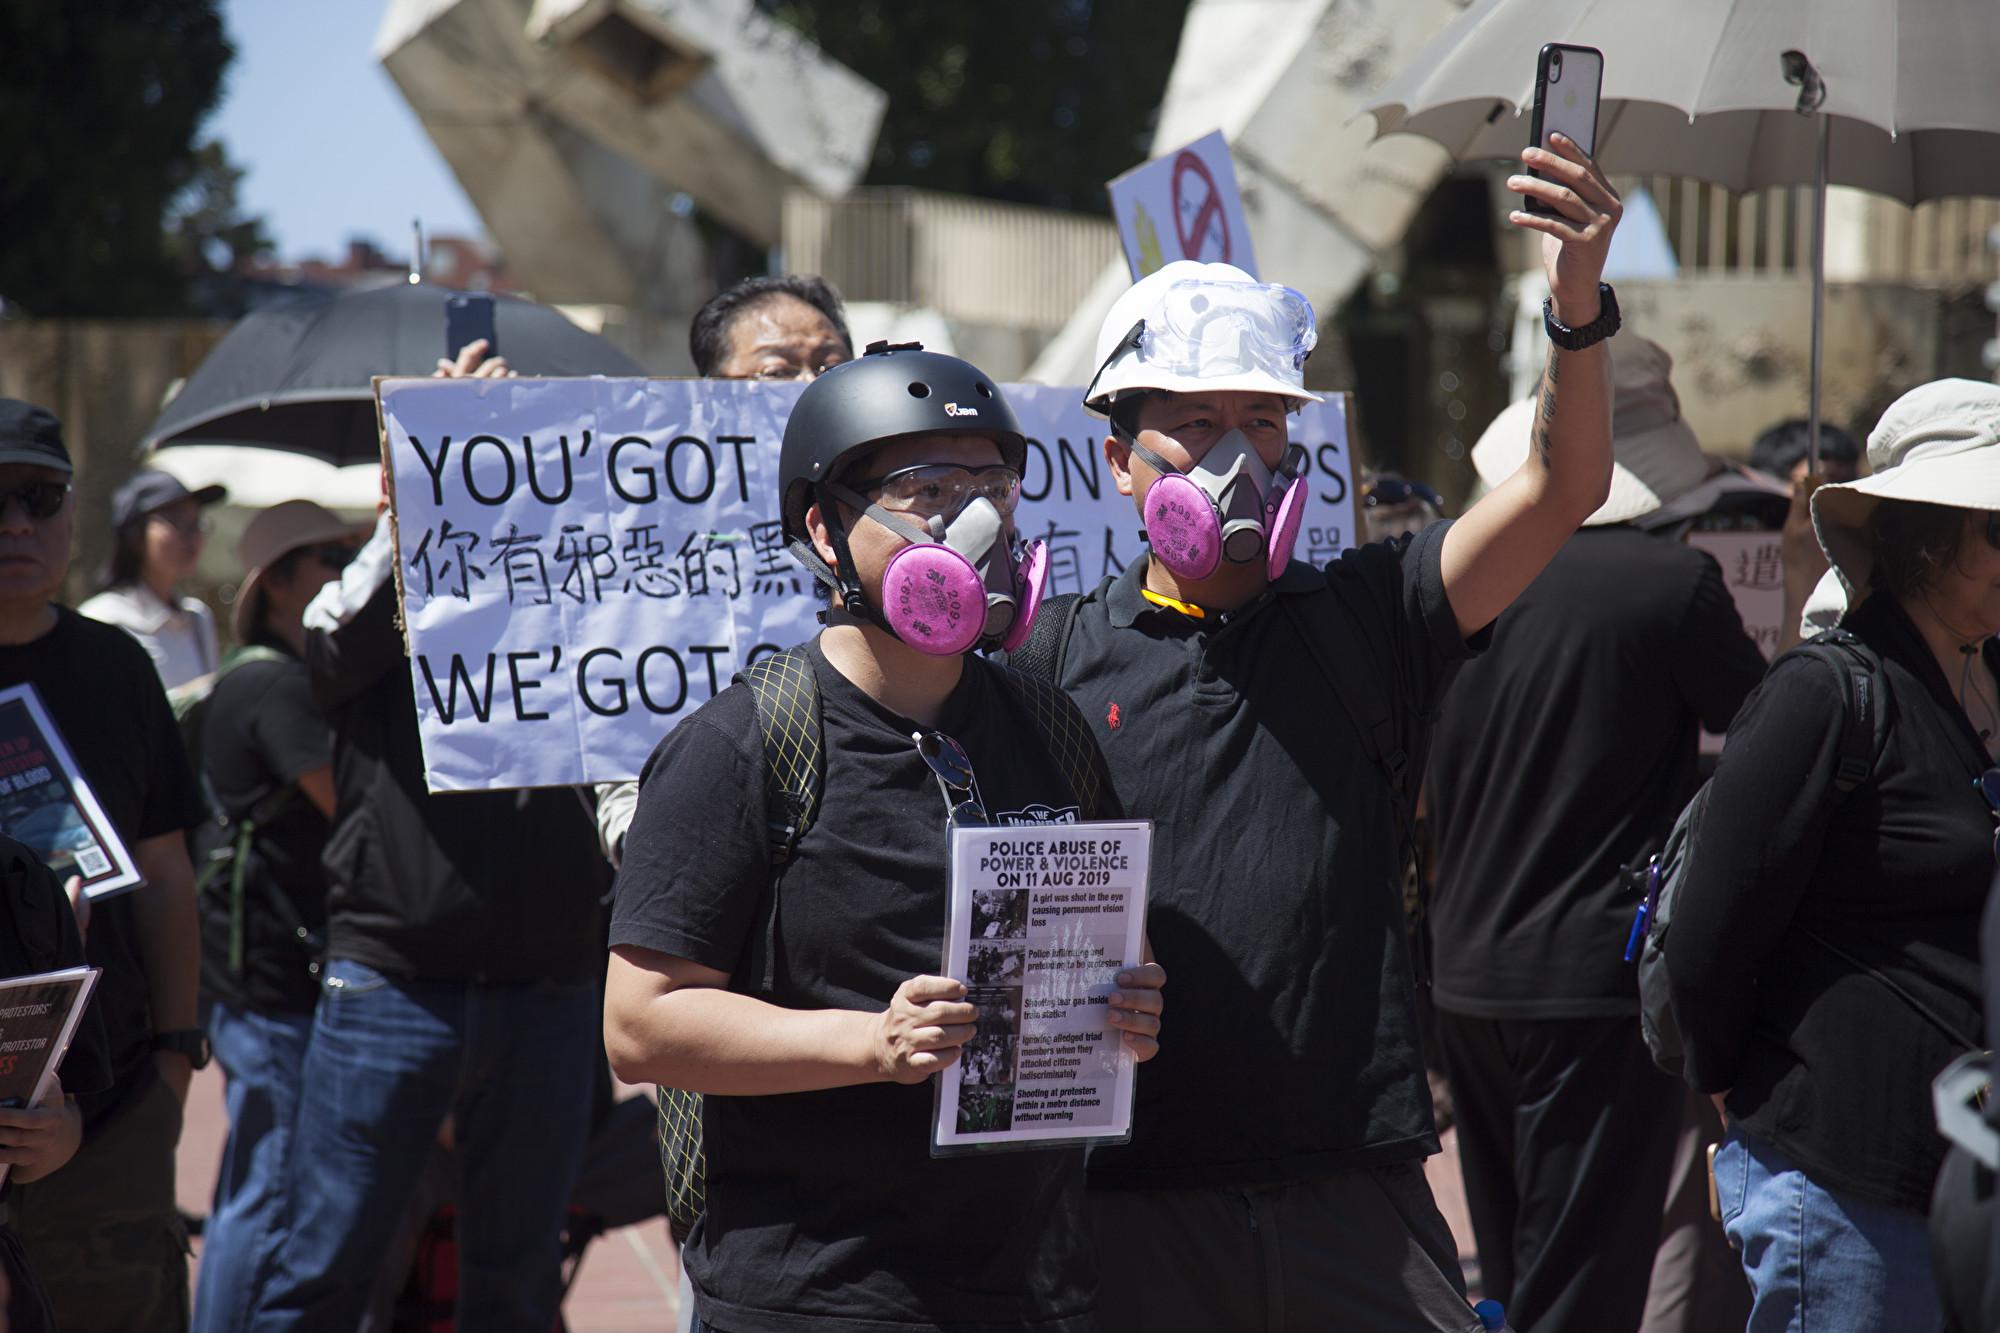 民眾手持各種橫幅,支持香港爭取民主自由的運動。(周鳳臨/大紀元)